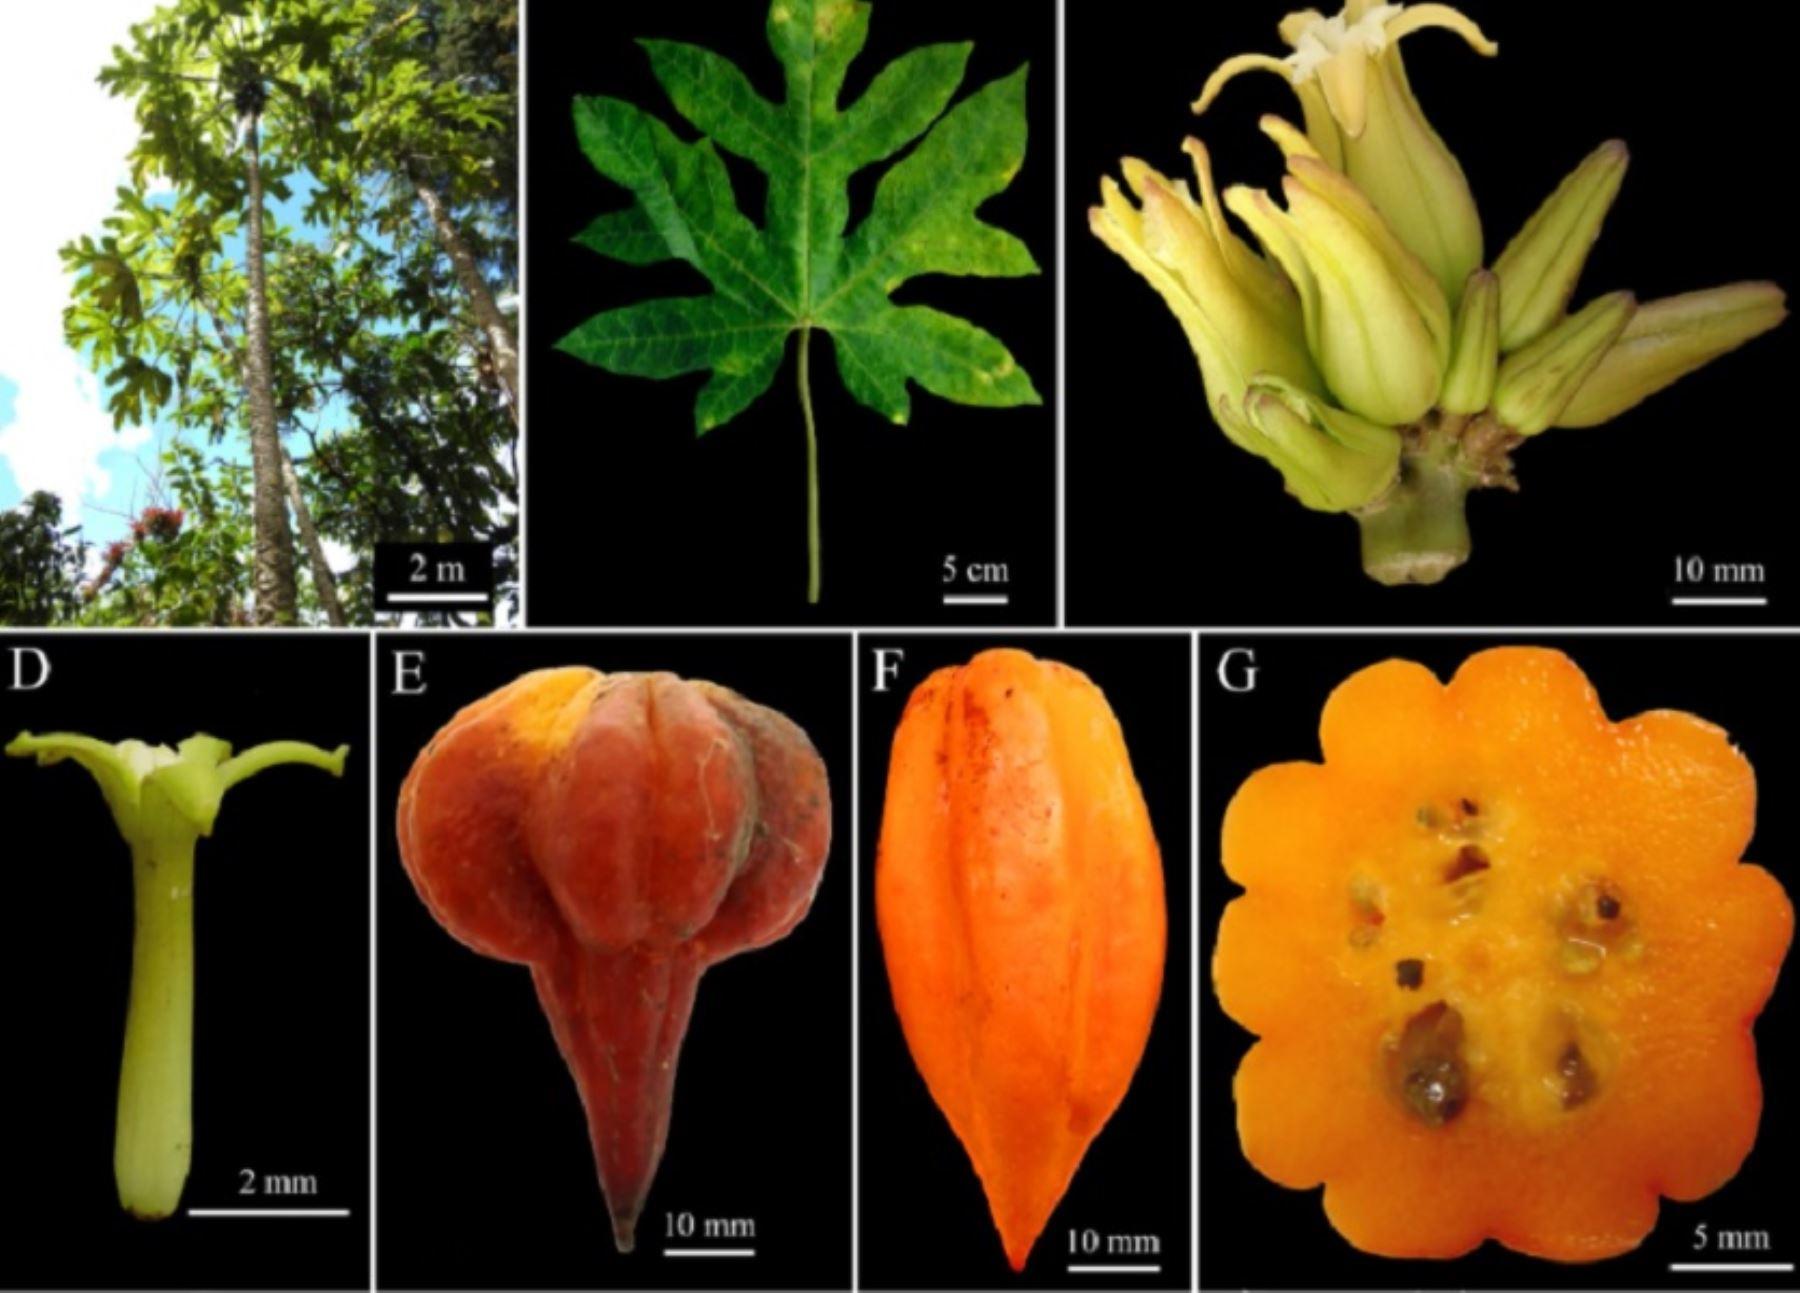 """Cinco nuevas especies de """"papaya andina"""" o """"papaya de altura"""", que crecen entre los 1,500 y 3,000 metros de altura en la sierra norte del Perú, han sido descubiertas por investigadores del Instituto de Investigación para el Desarrollo Sustentable de Ceja de Selva (INDES CES) de la Universidad Nacional Toribio Rodríguez de Mendoza (UNTRM) de Amazonas."""